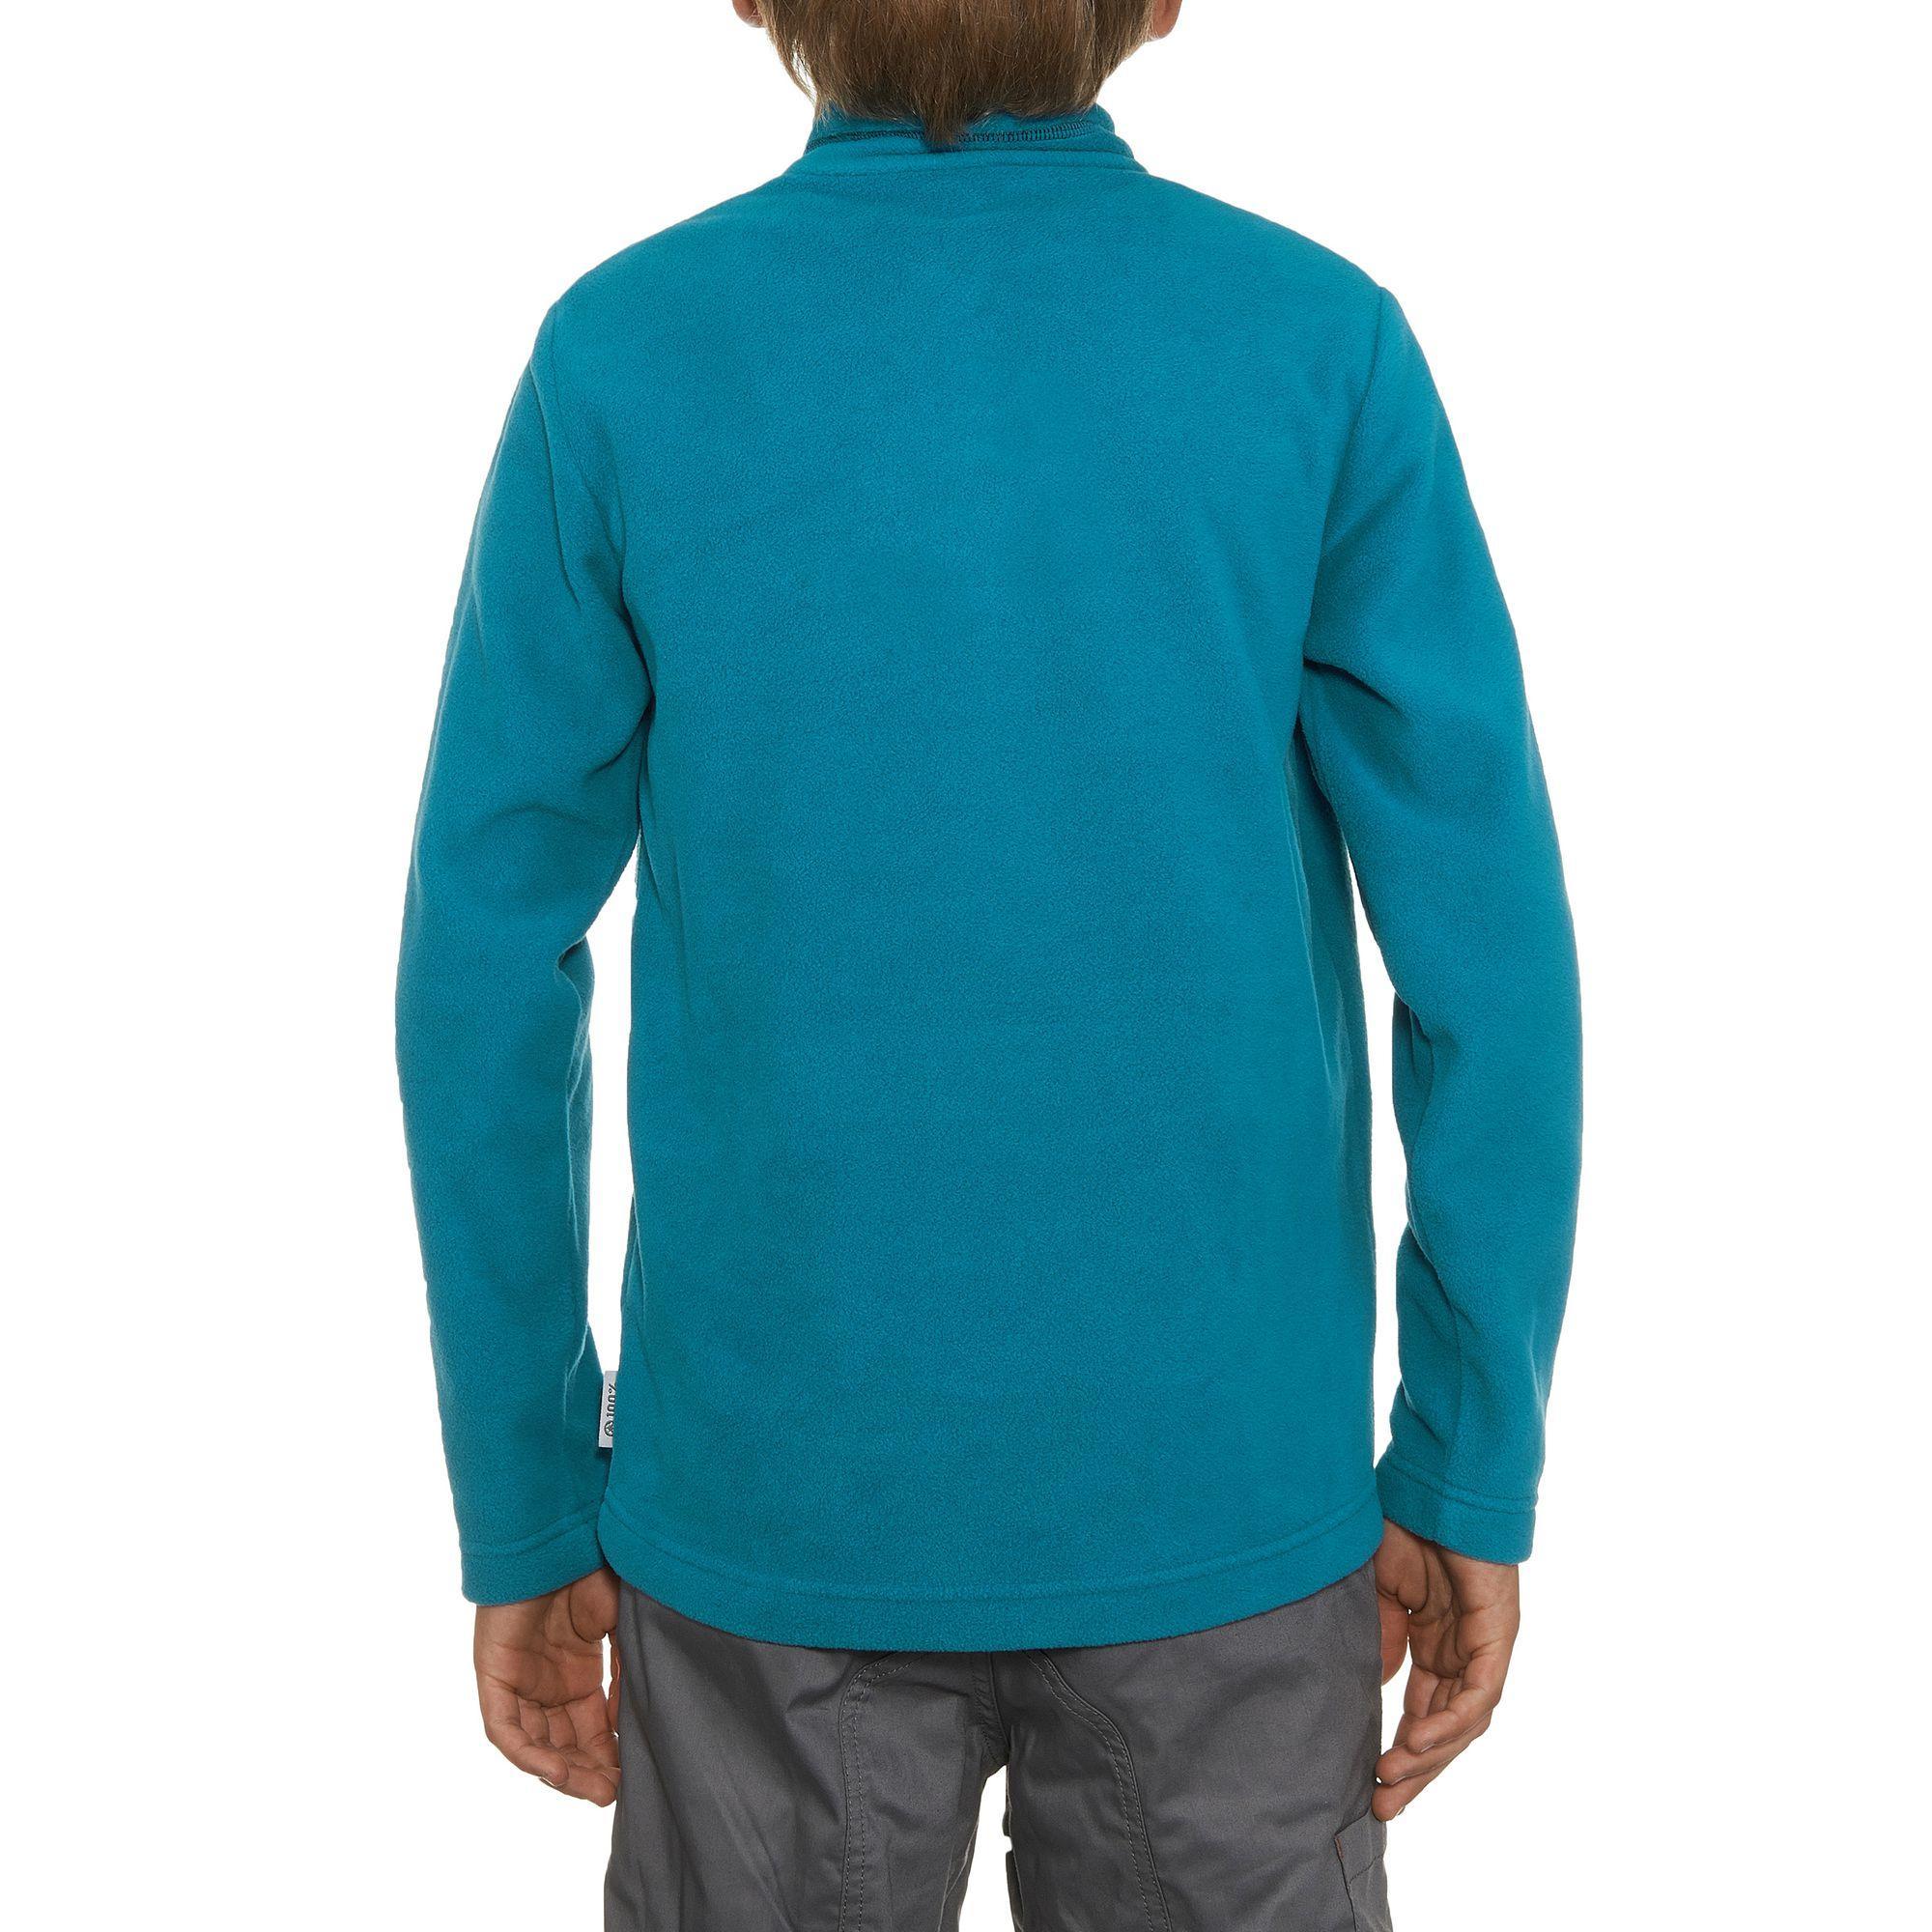 Polaire de randonnée RANDONNÉE 100 Garçon Bleu